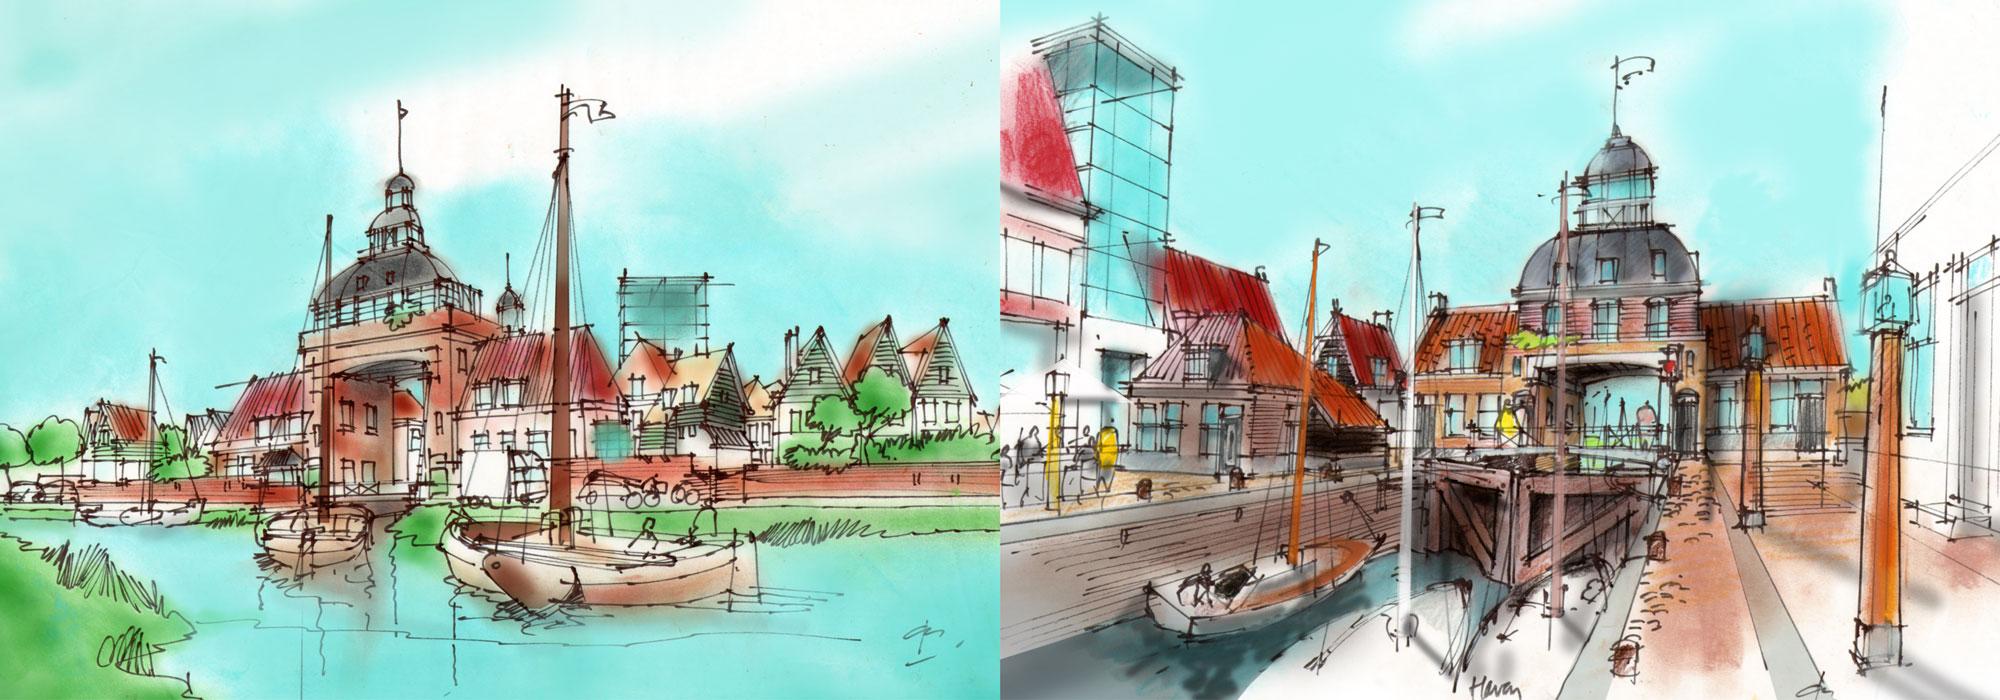 Concept sluis en entreepoort polderwijk